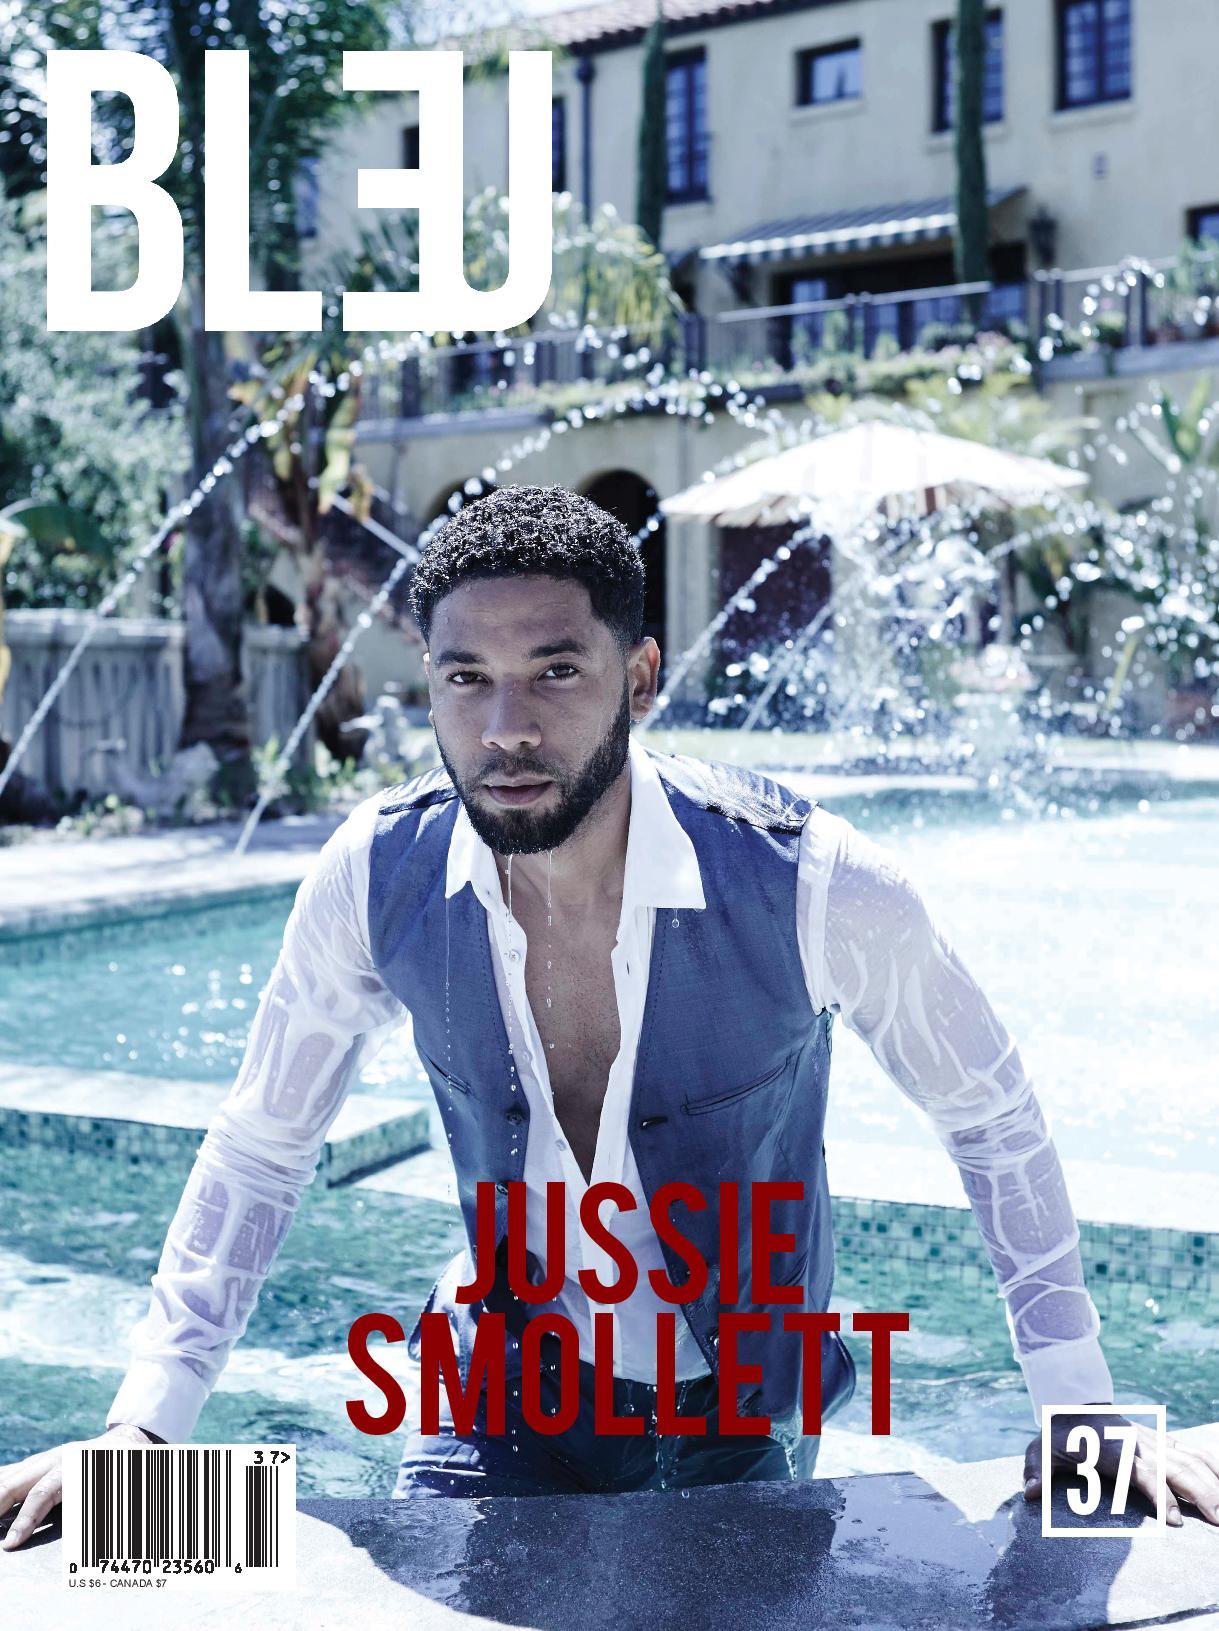 jussie smollett in bleu magazine